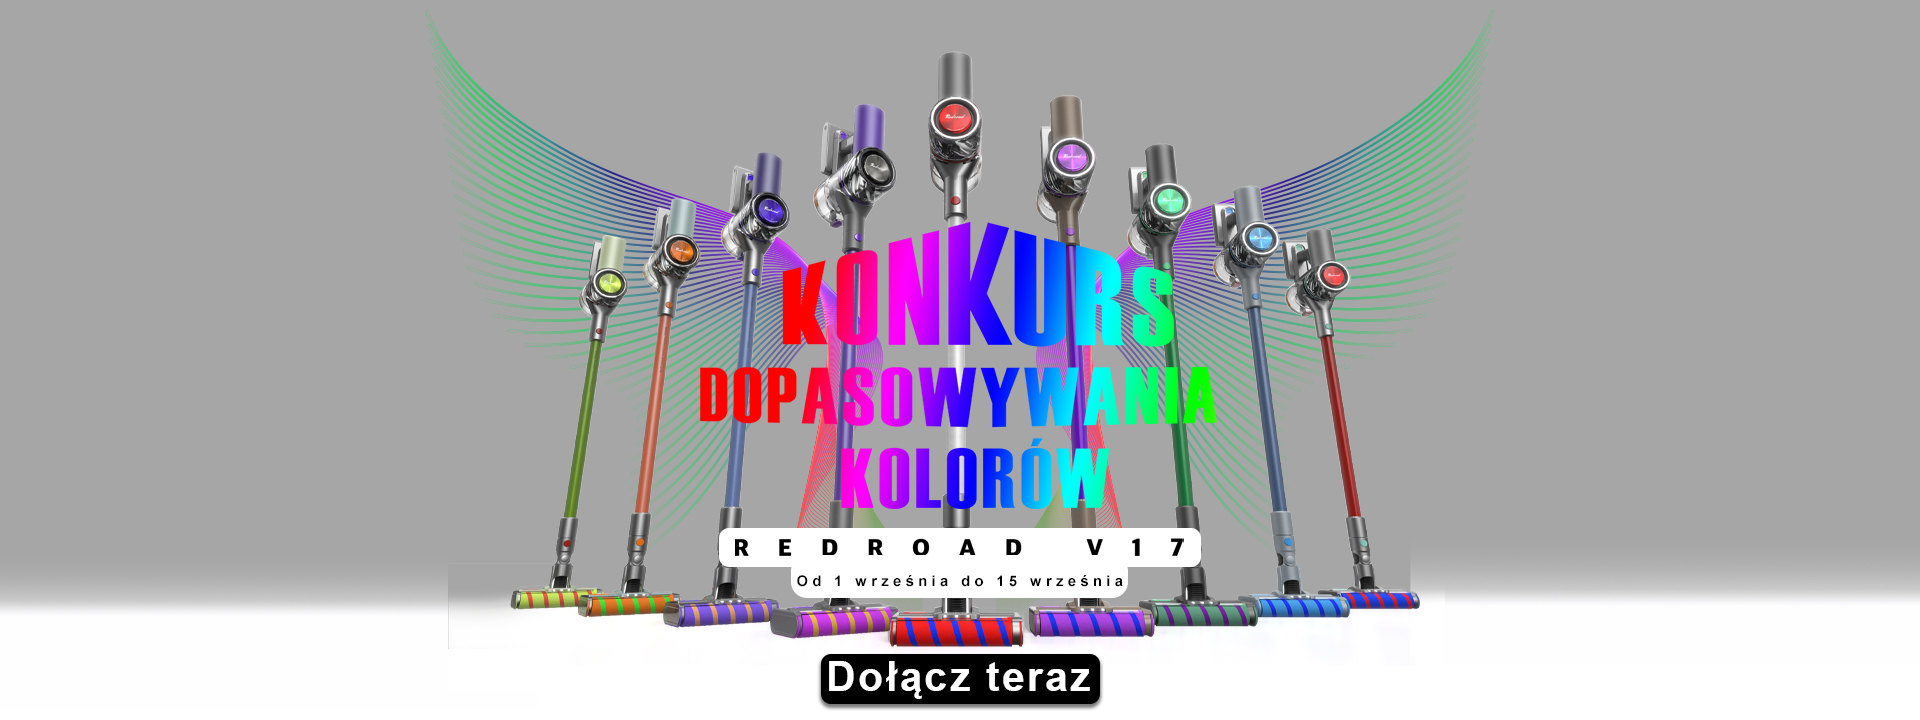 Gdzie znajdują się reklamy w konkursie Redroad V17 Color Match Competition?